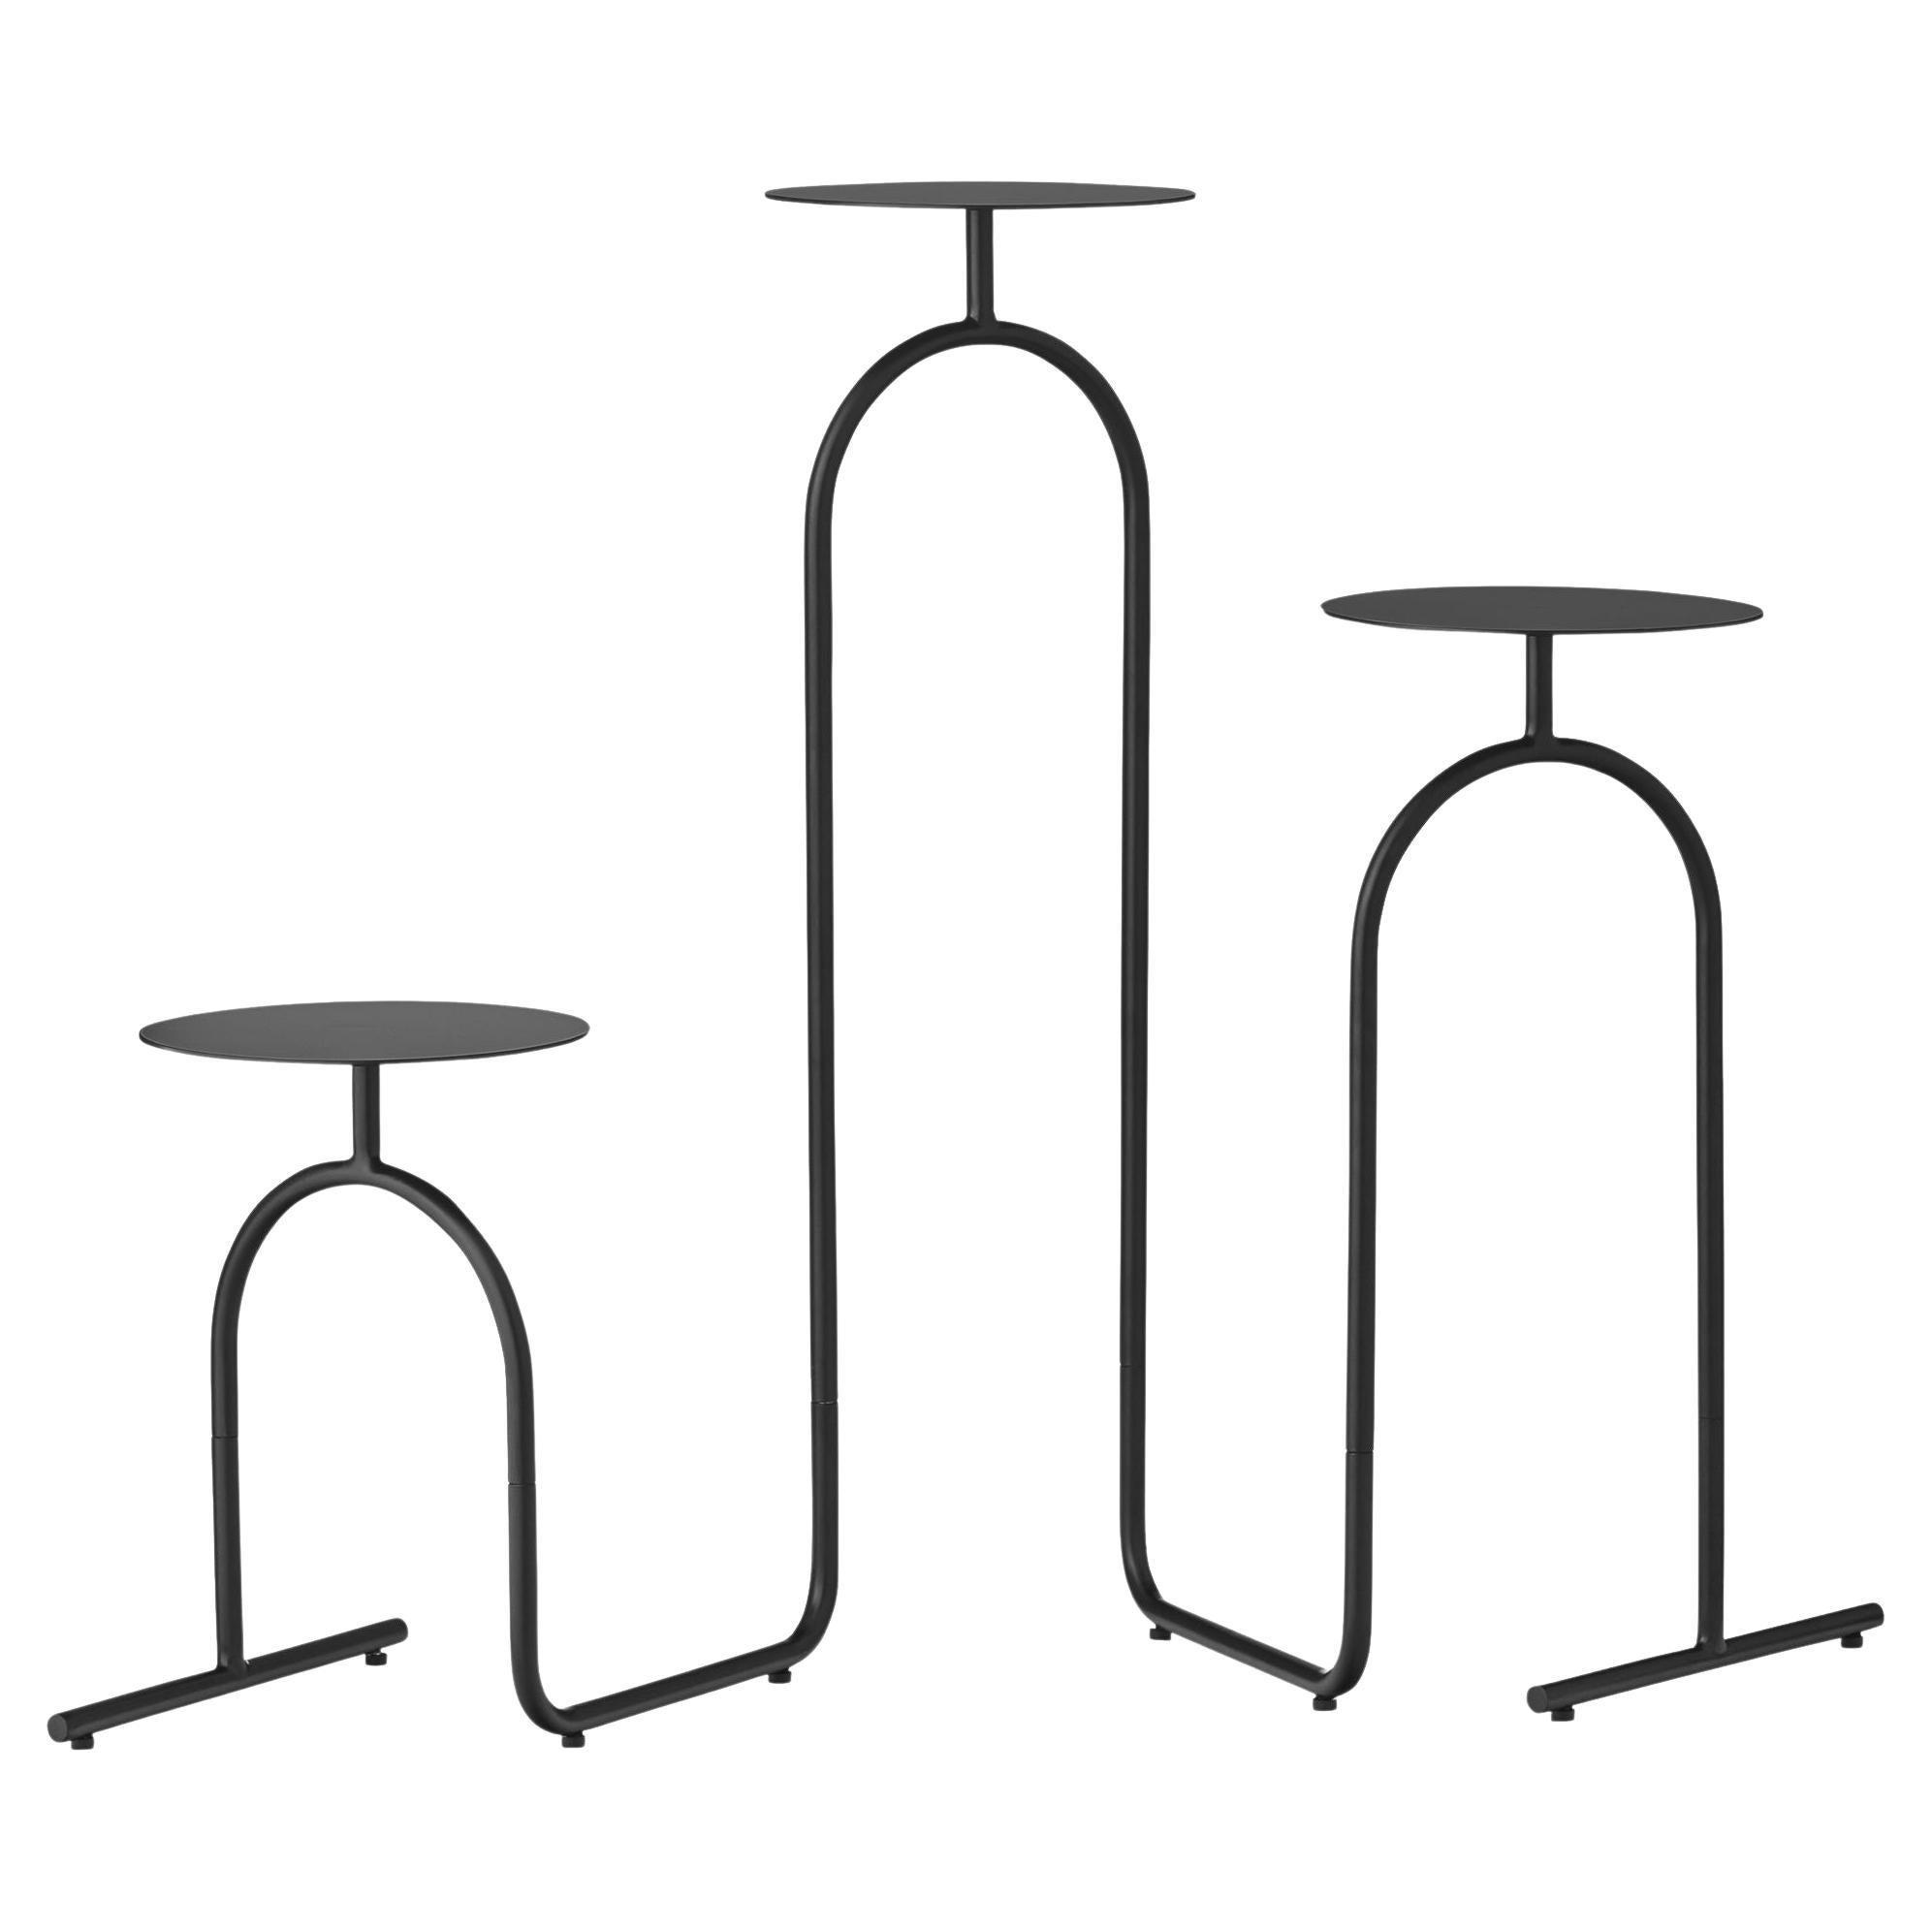 Black Minimalist Pedestal Table